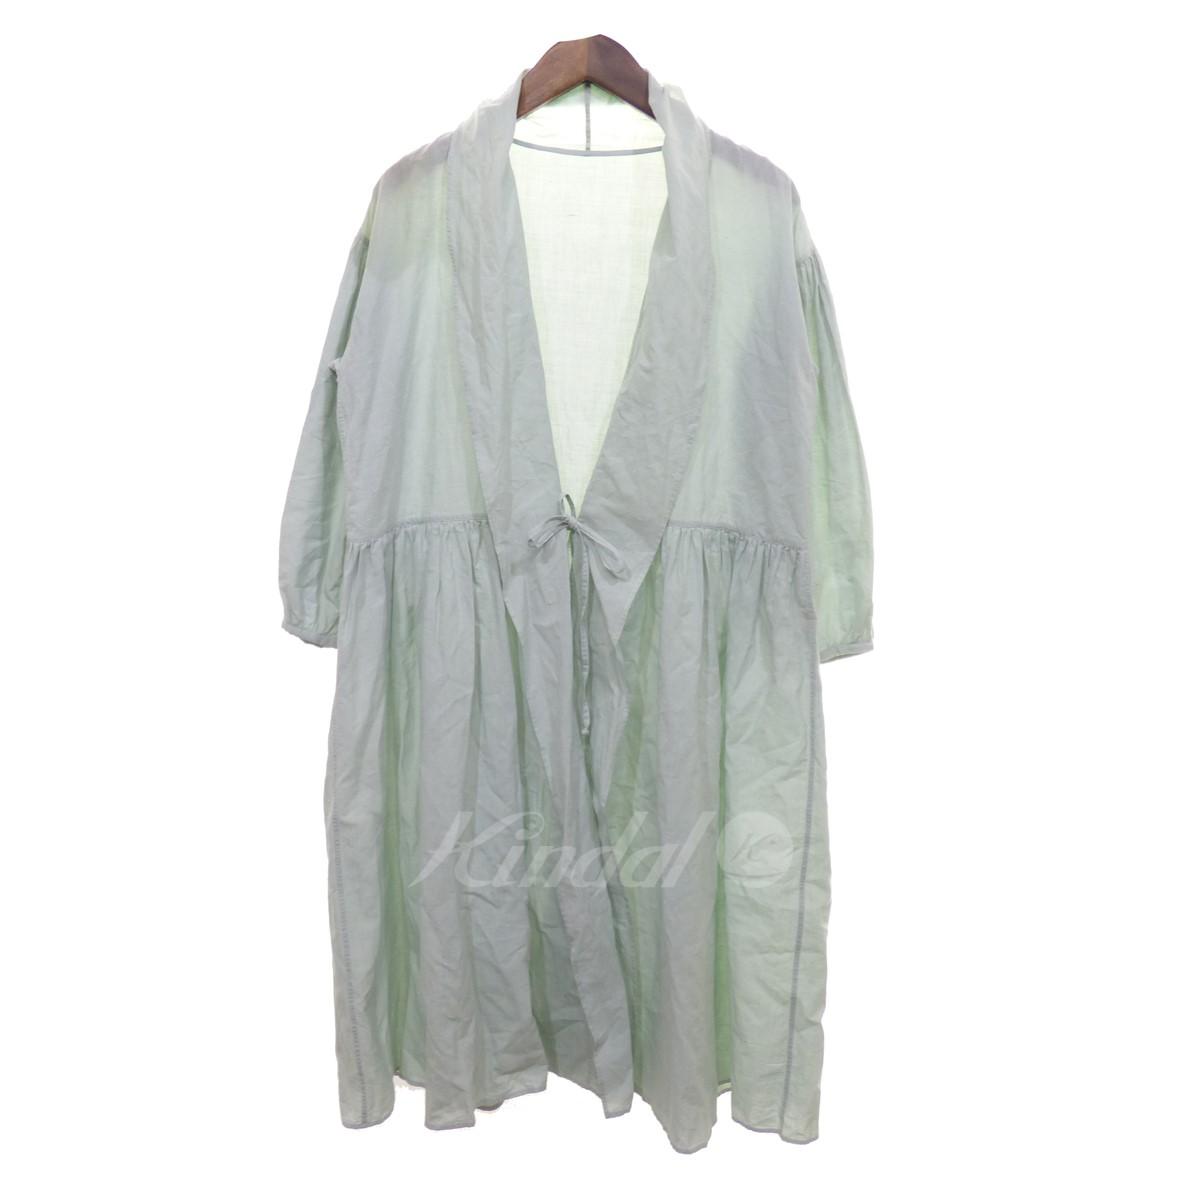 レディースファッション, ワンピース Jurgen Lehl M 160319